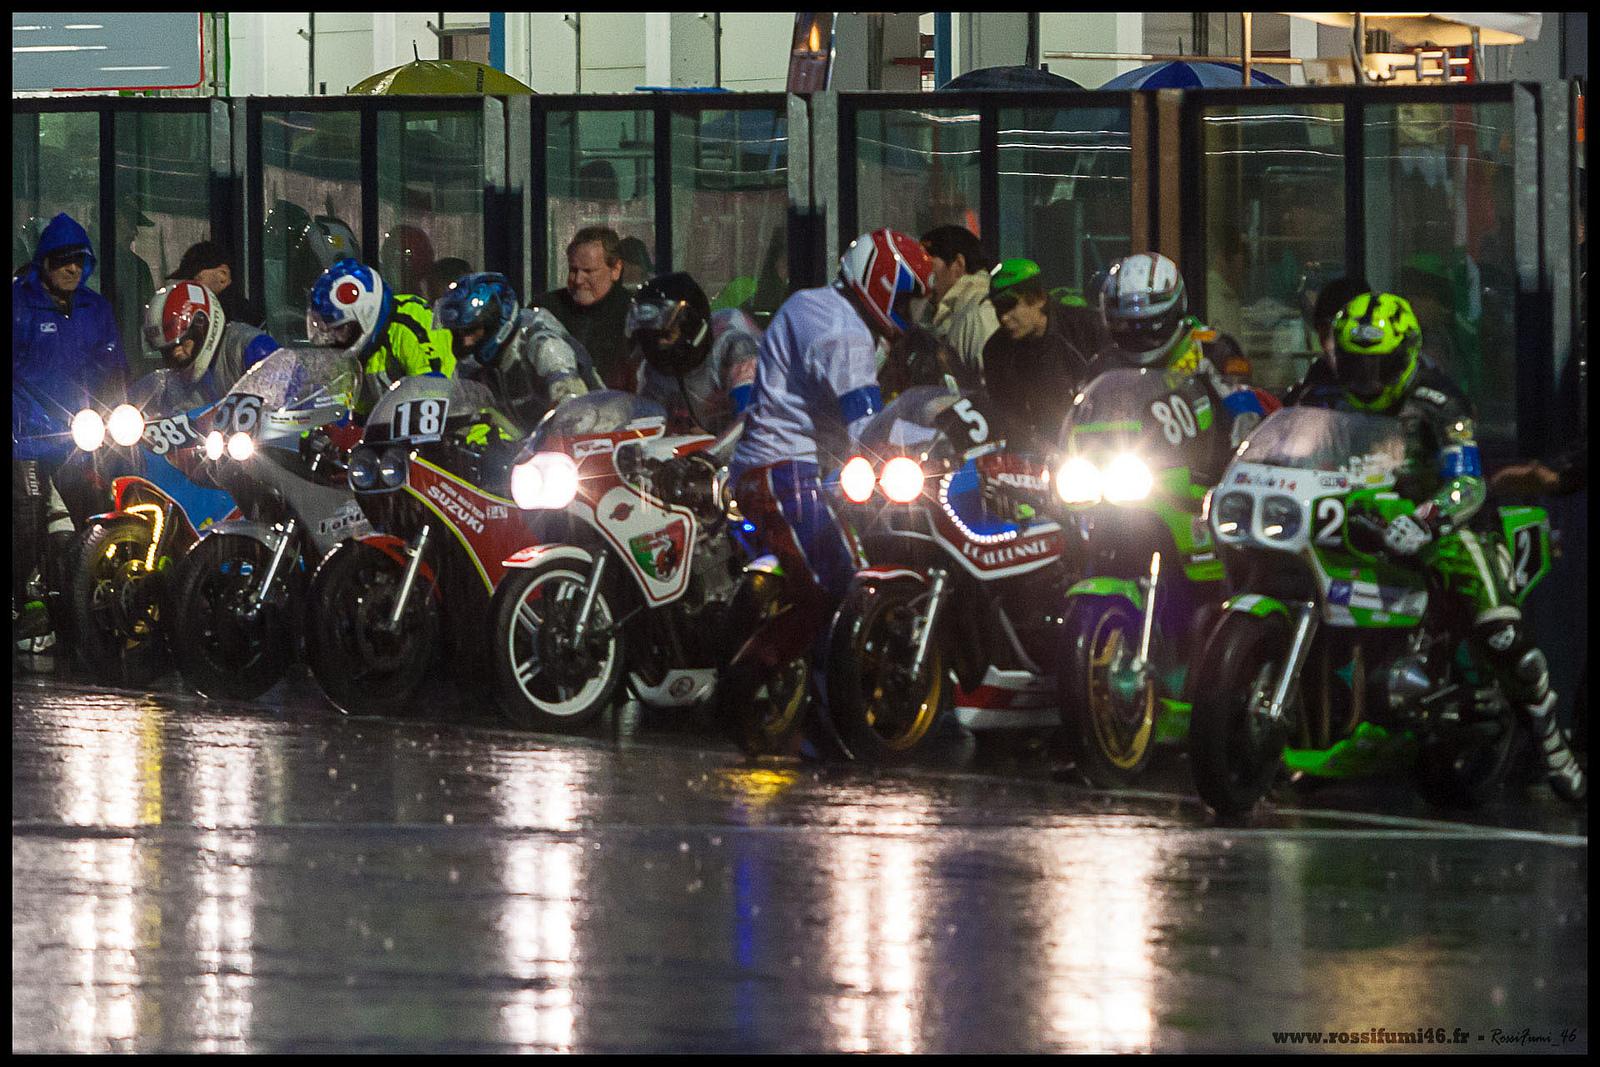 Départ type Le Mans les pilotes démarrent les motos Manche 1 BOC 2013